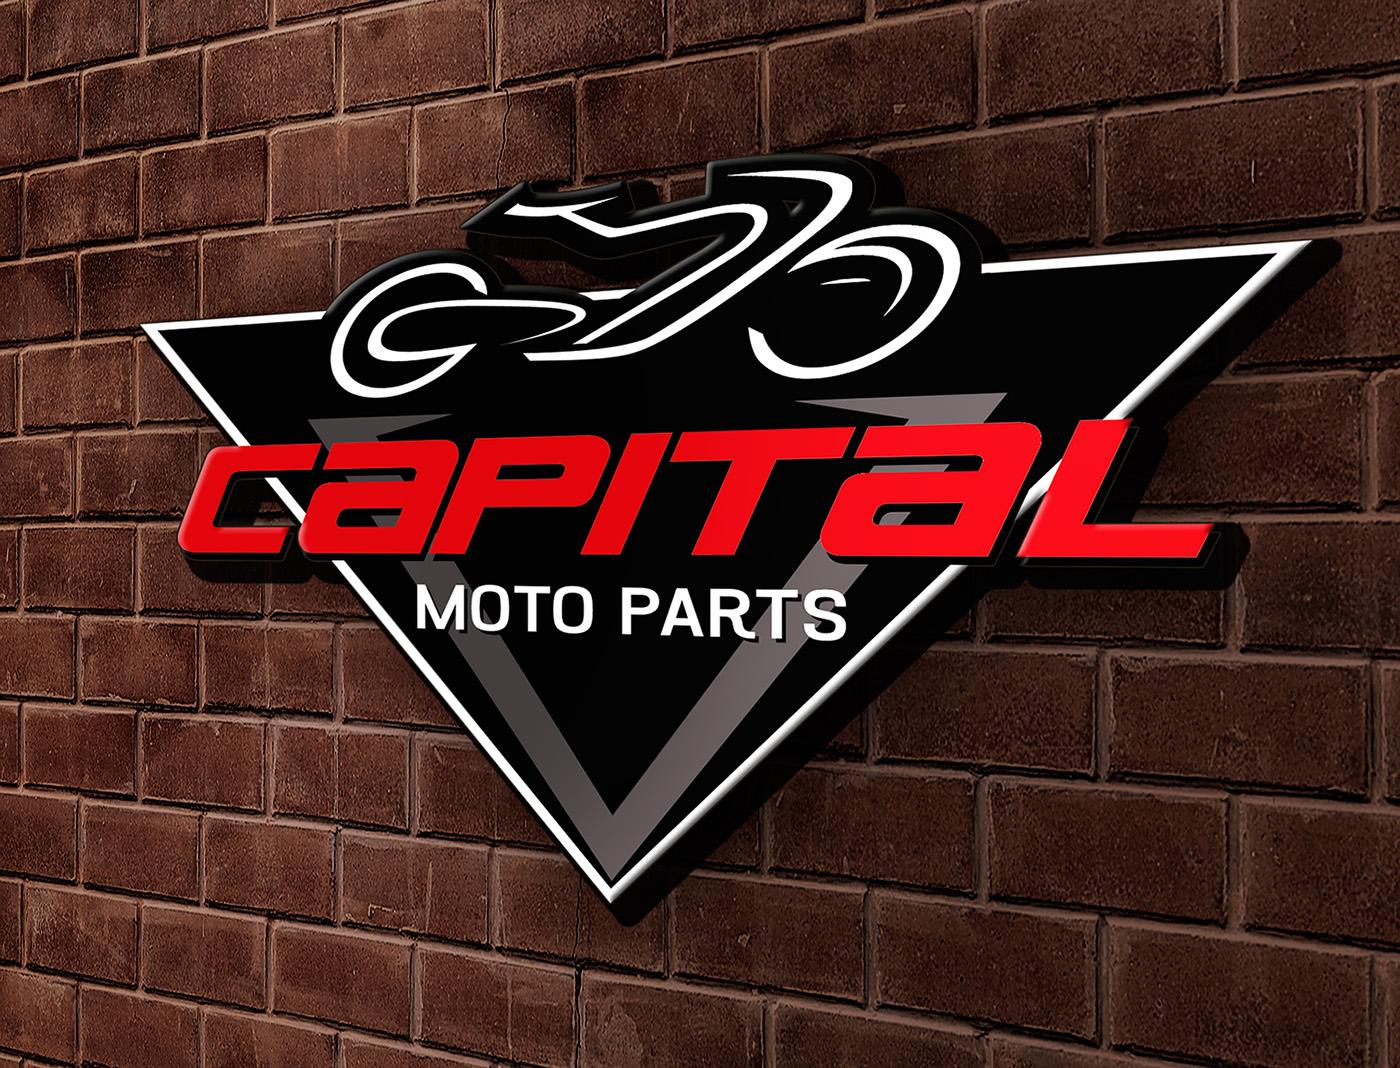 CAPITAL MOTO PARTS